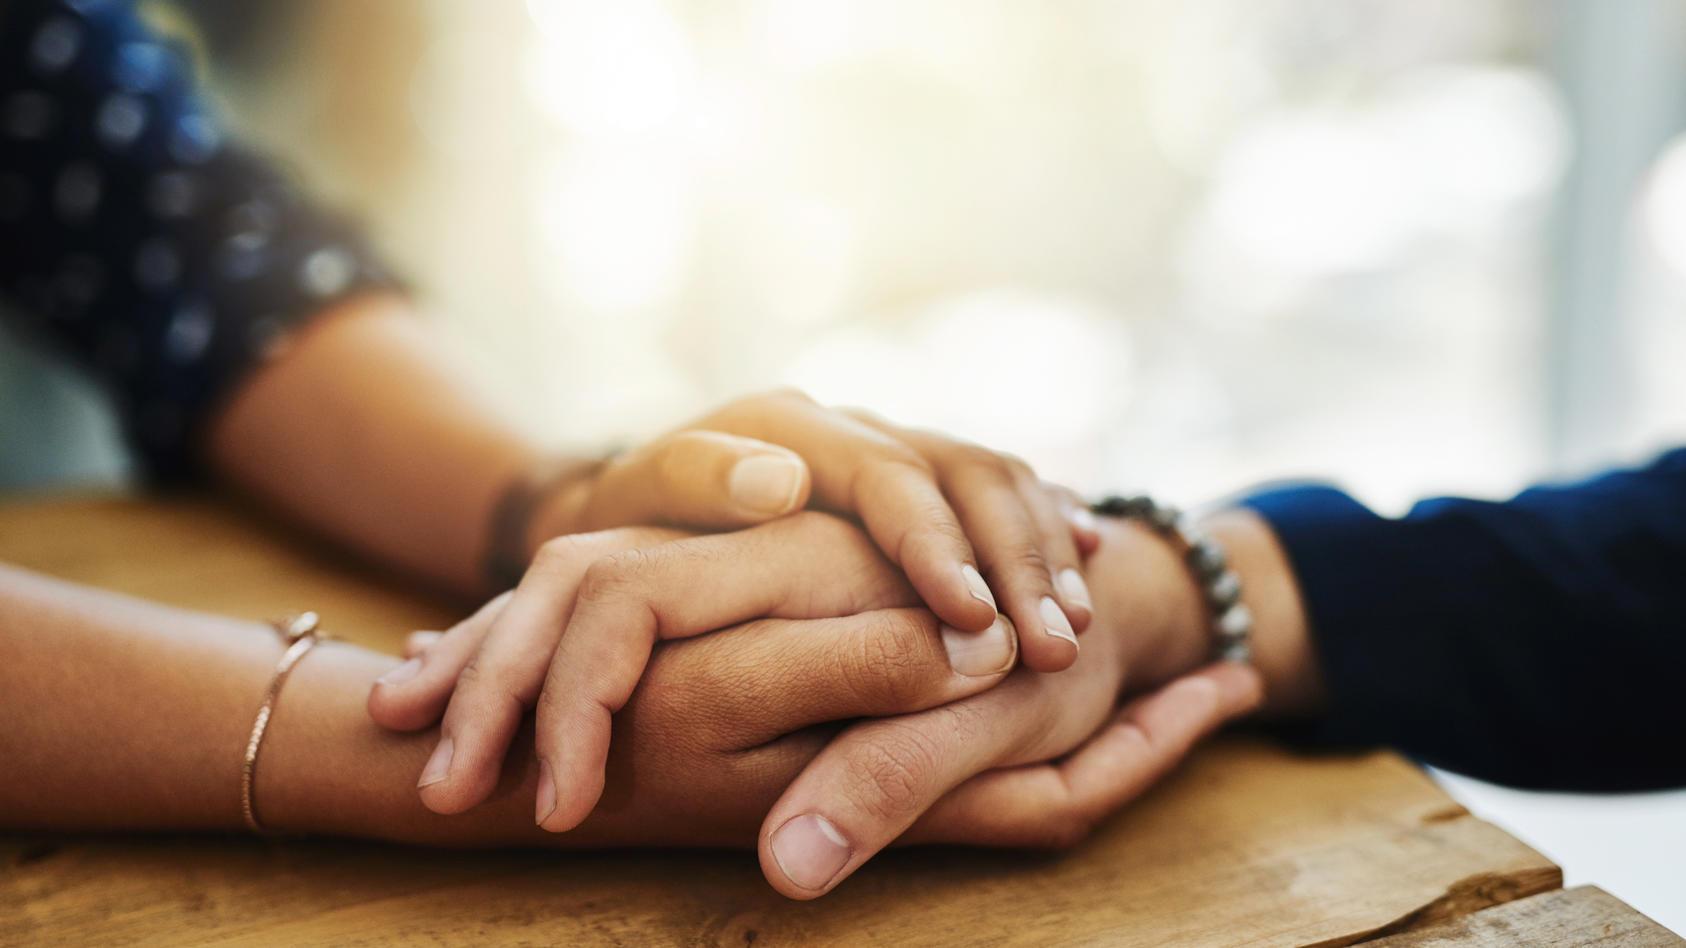 In der Trauerzeit sollte man nicht alleine sein. Auch wenn man sich erst einmal einigeln möchte, ist es wichtig zu wissen, dass man jederzeit mit jemandem sprechen kann.